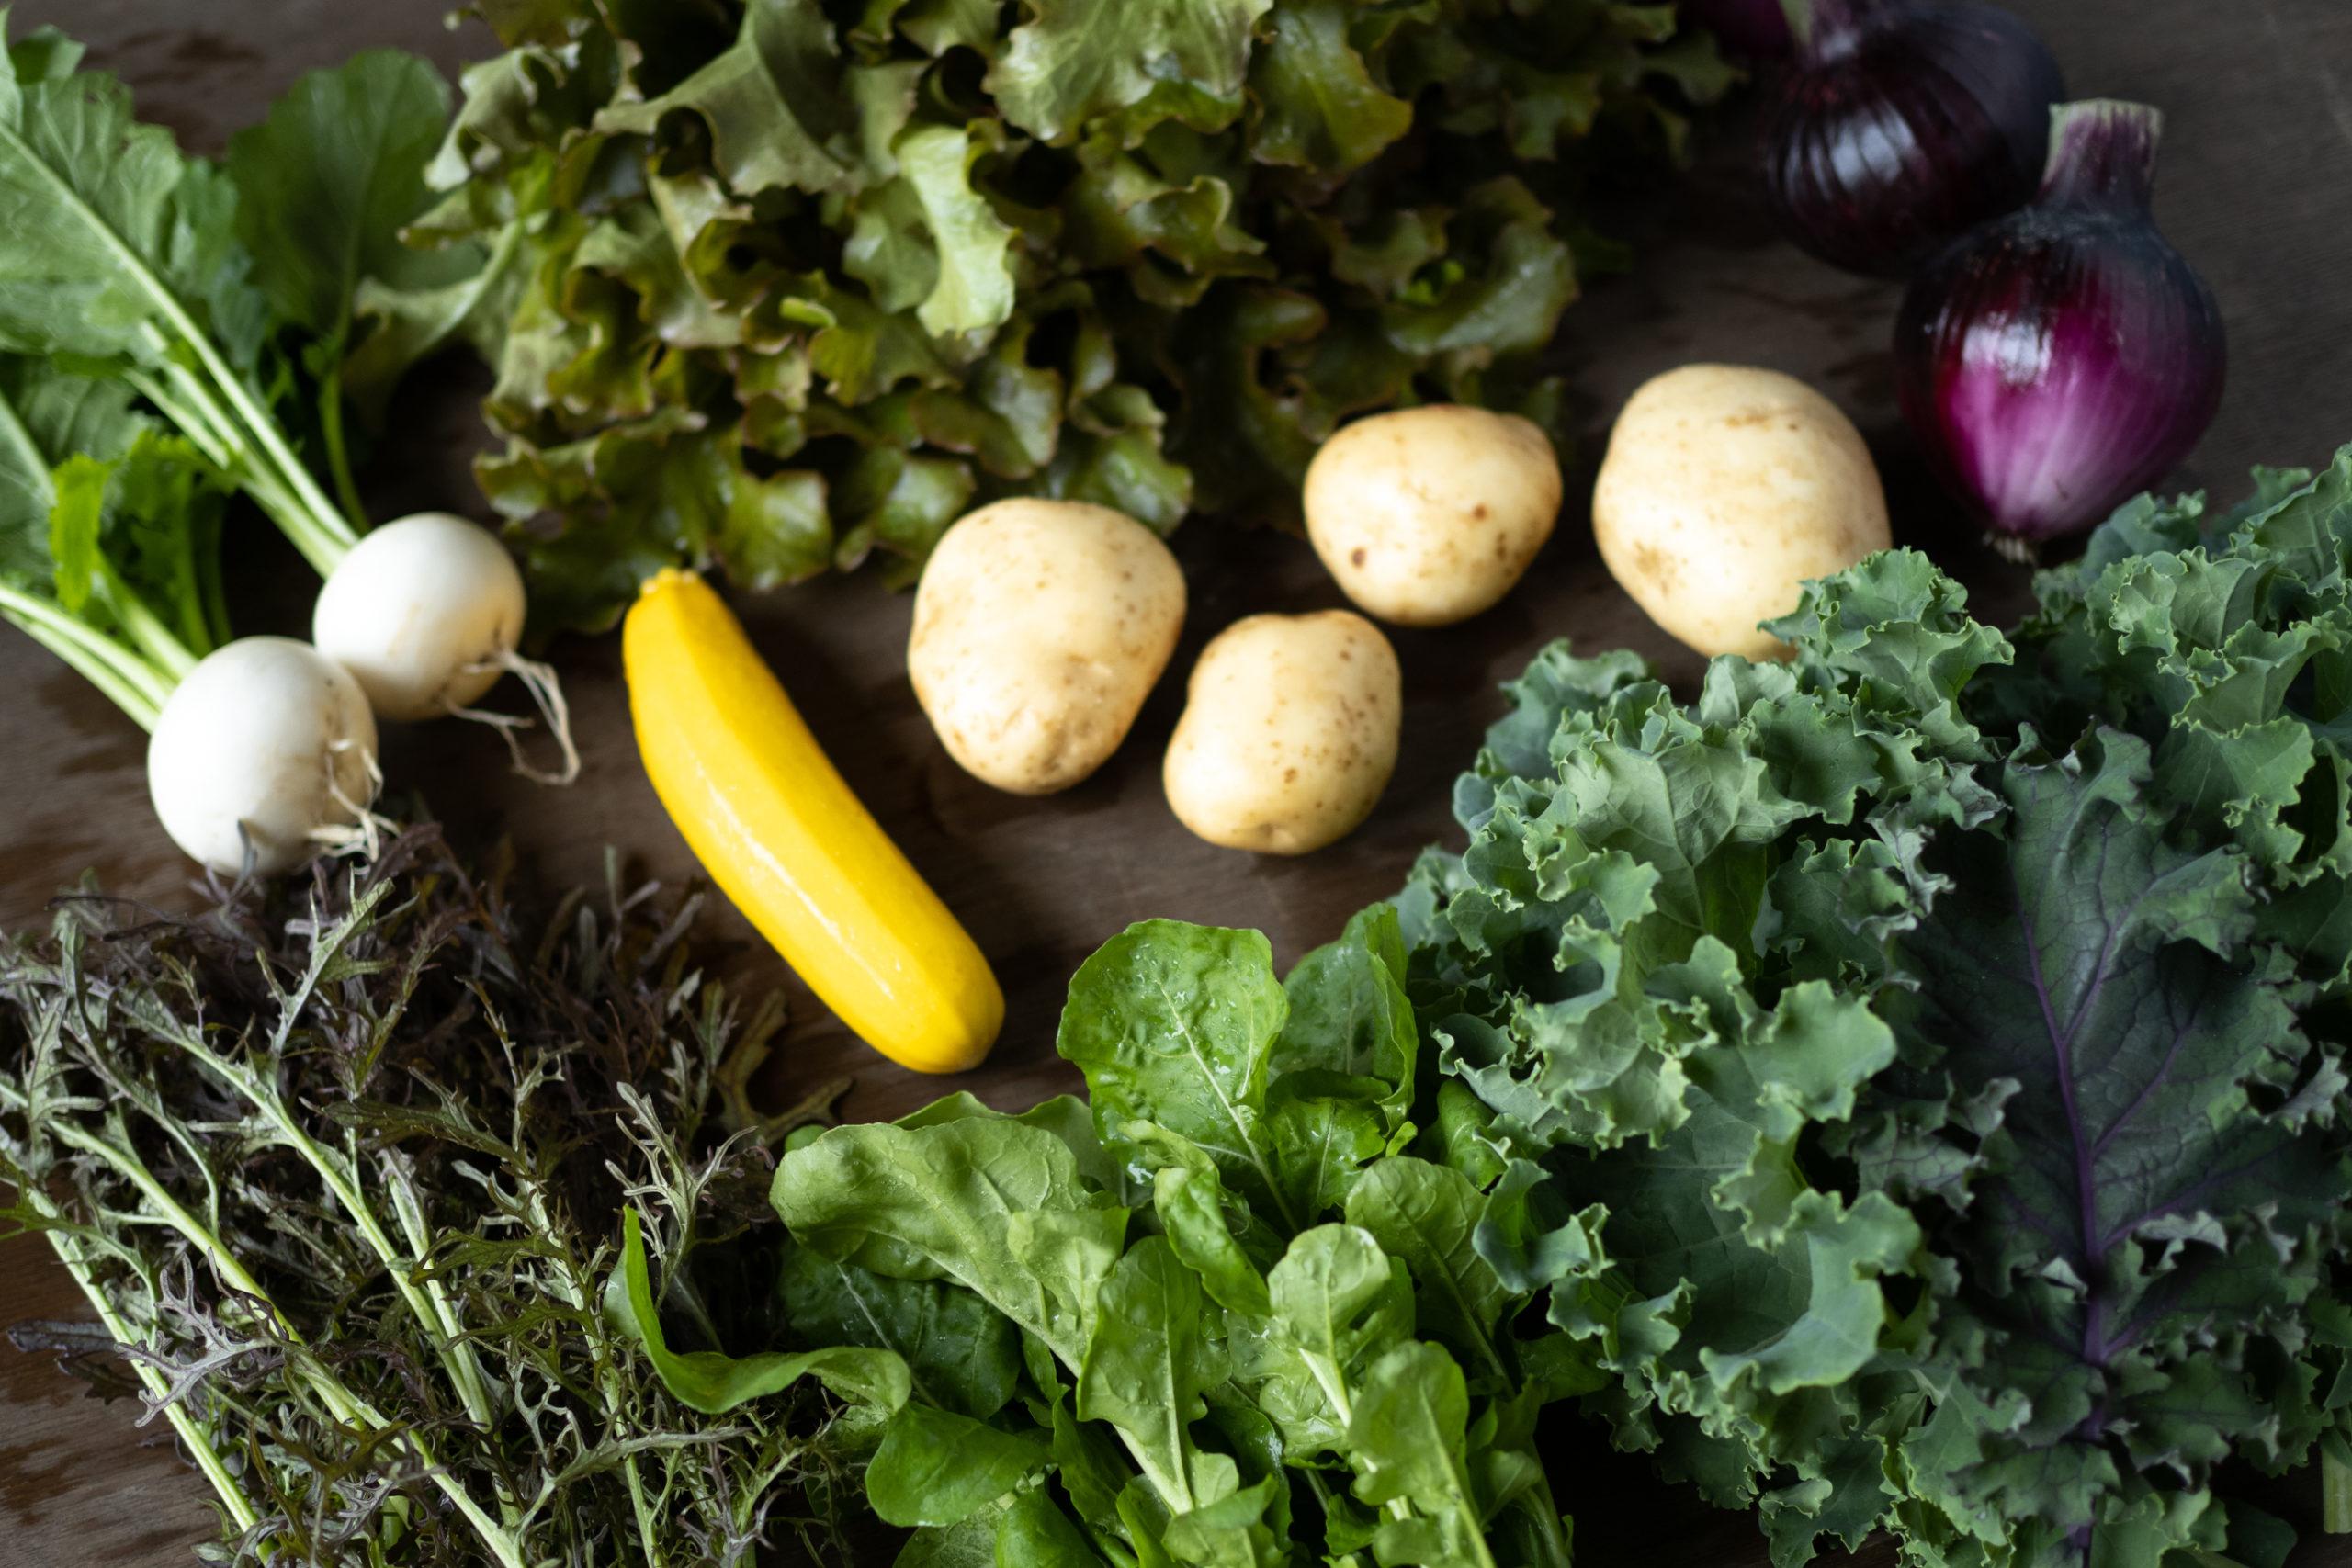 元気な春夏野菜、ヤングコーンやズッキーニ!今週の野菜(5/24 – 5/30)